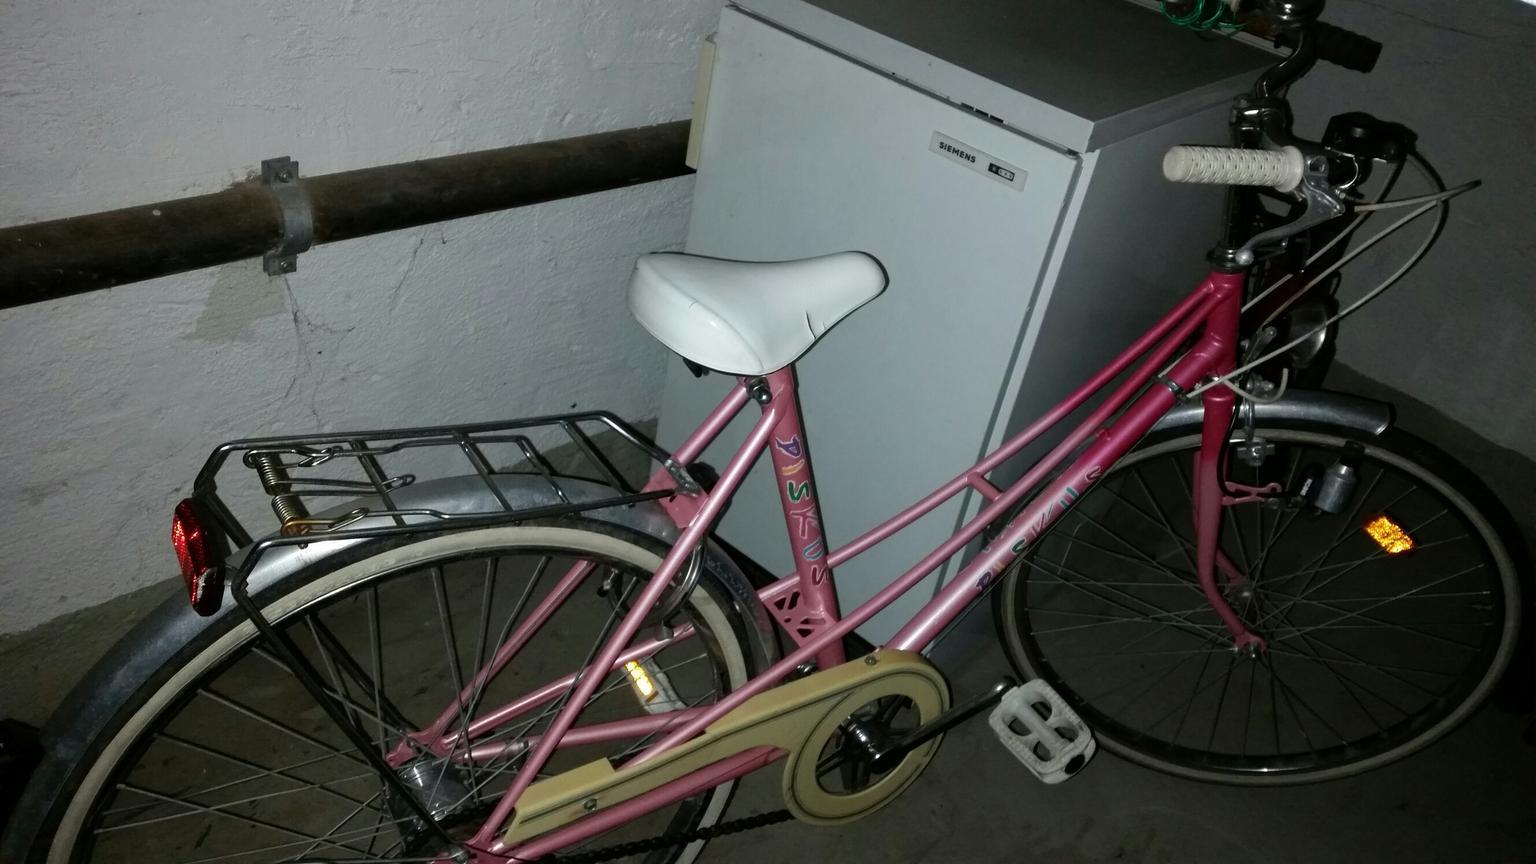 Küchenzeile Gebraucht Frankfurt Main ~ gebraucht frauen fahrrad in 60326 frankfurt am main um u20ac 20 00 u2013 shpock